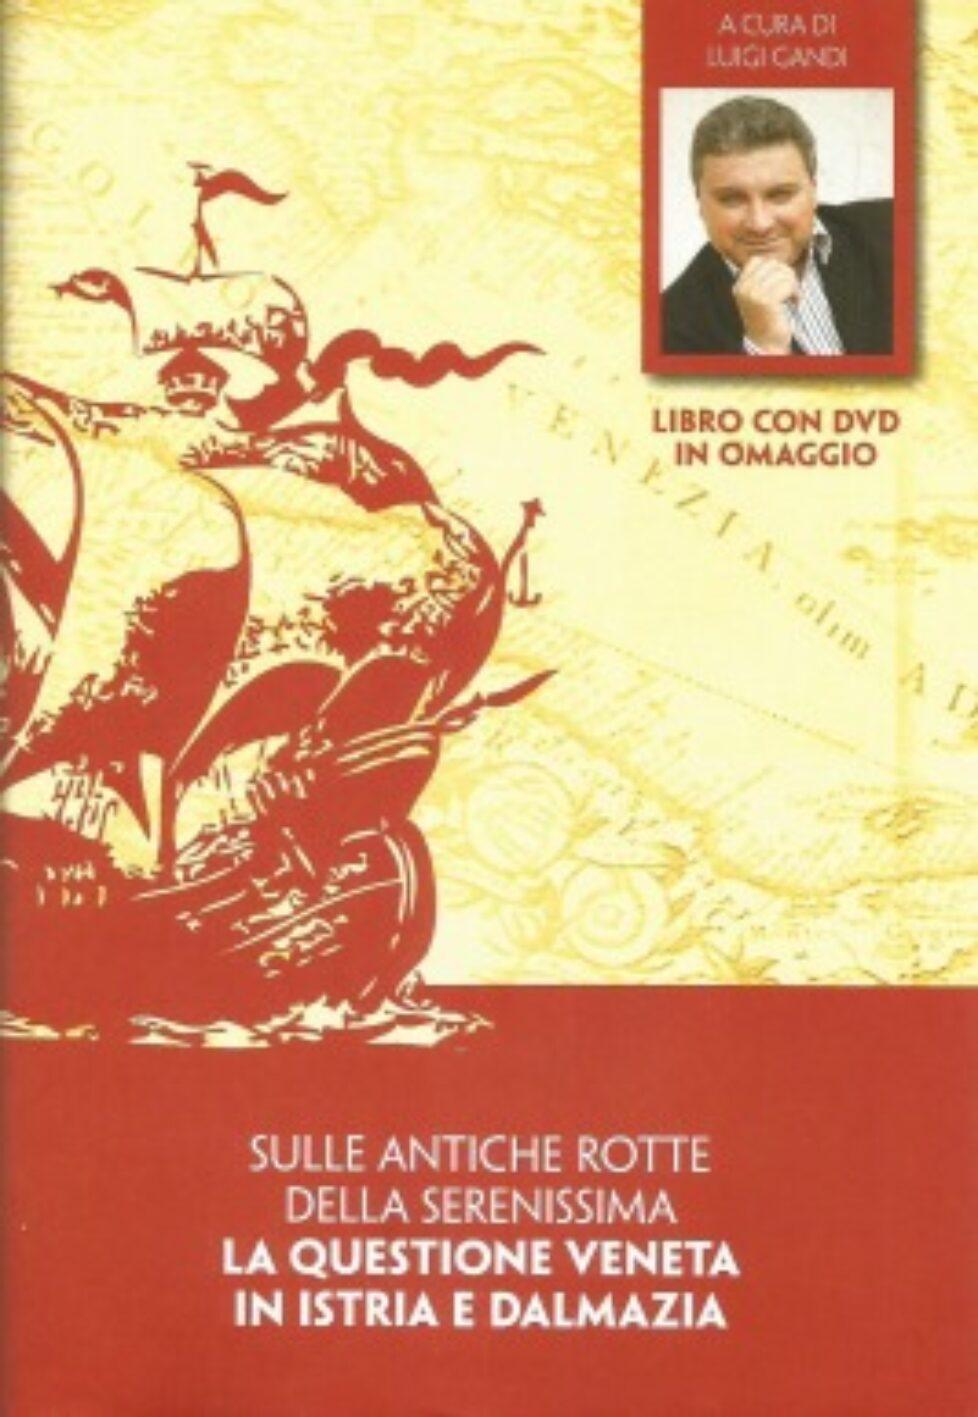 Sulle Antiche Rotte della Serenissima La Questione Veneta in Istria e Dalmazia 1